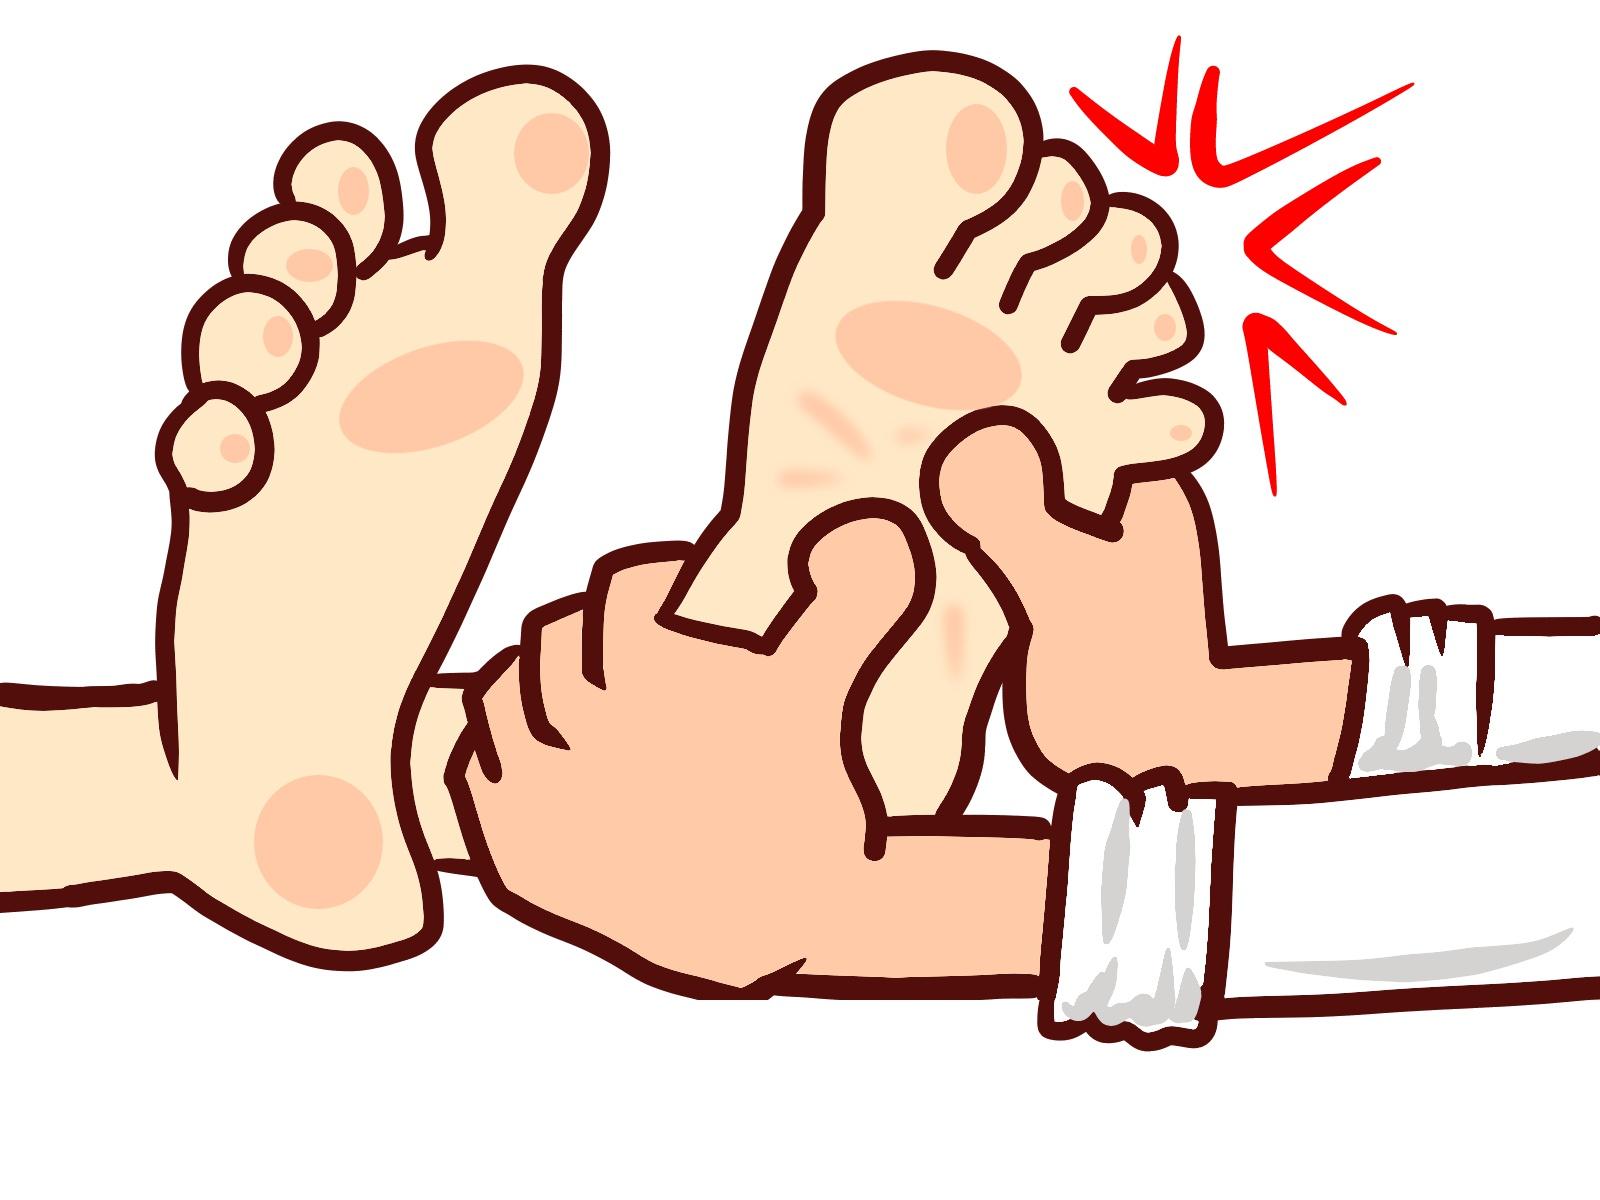 薬指 の の 付け根 痛い 足 が